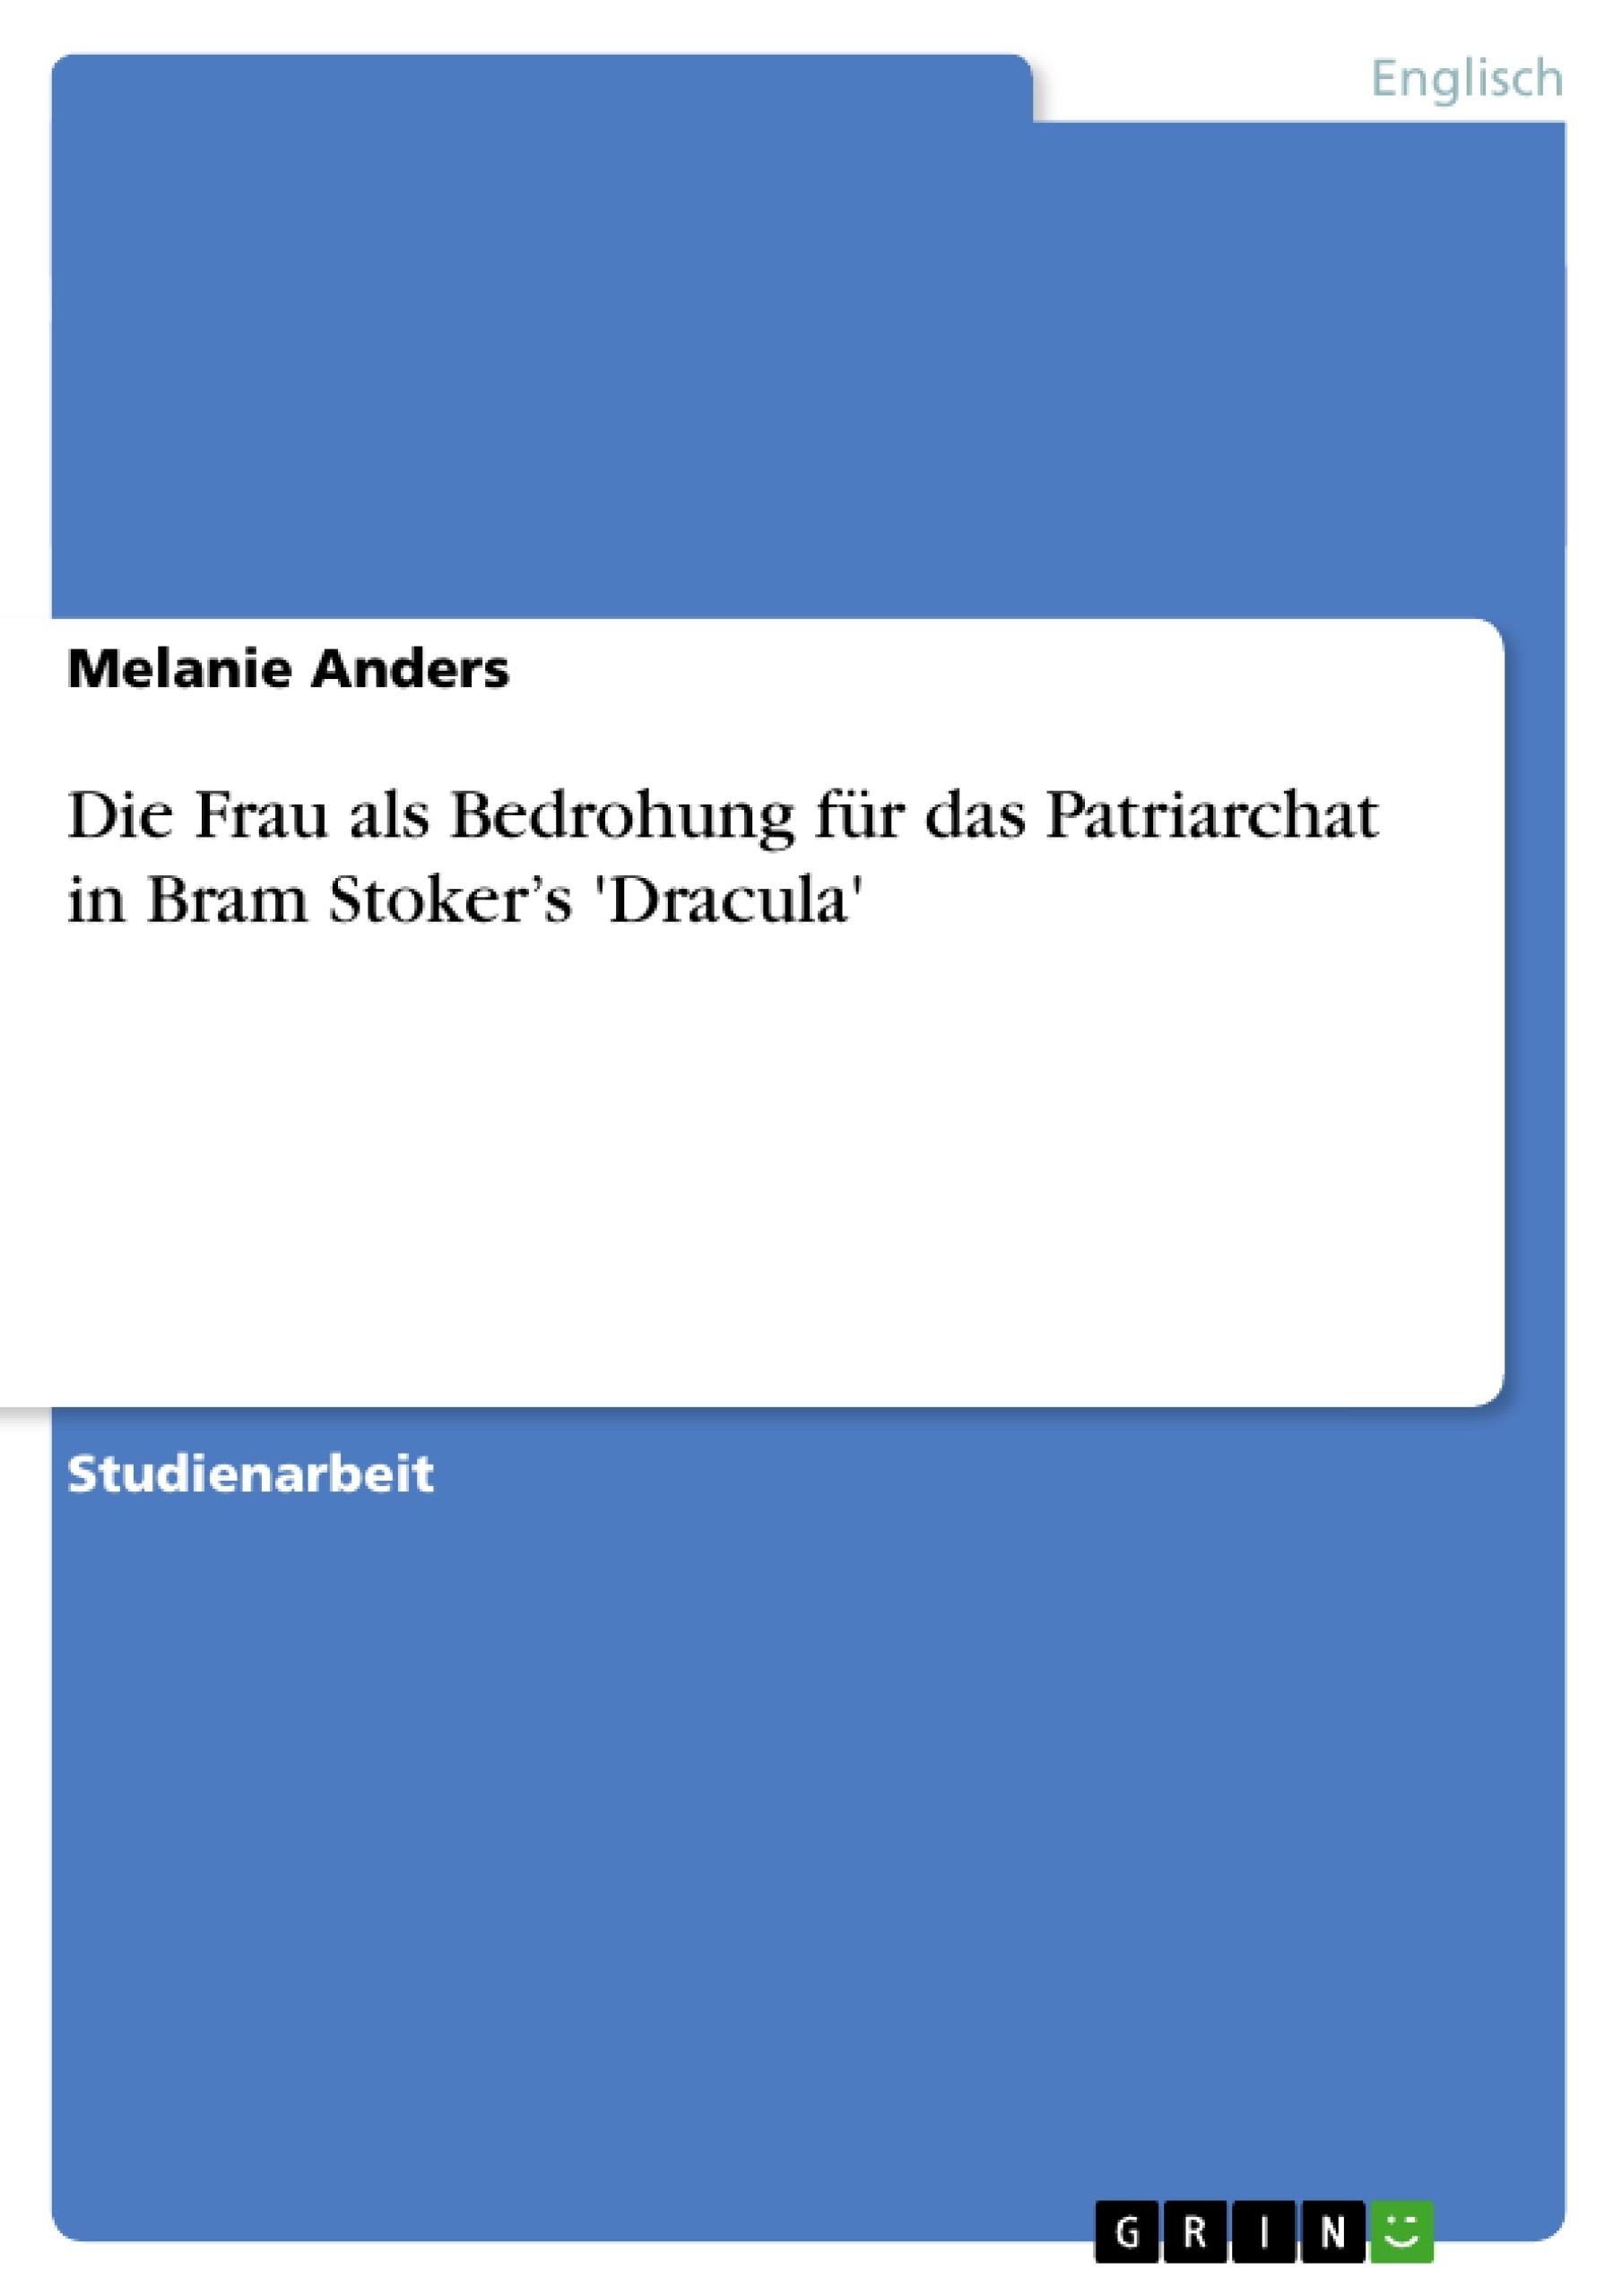 Titel: Die Frau als Bedrohung für das Patriarchat  in Bram Stoker's 'Dracula'